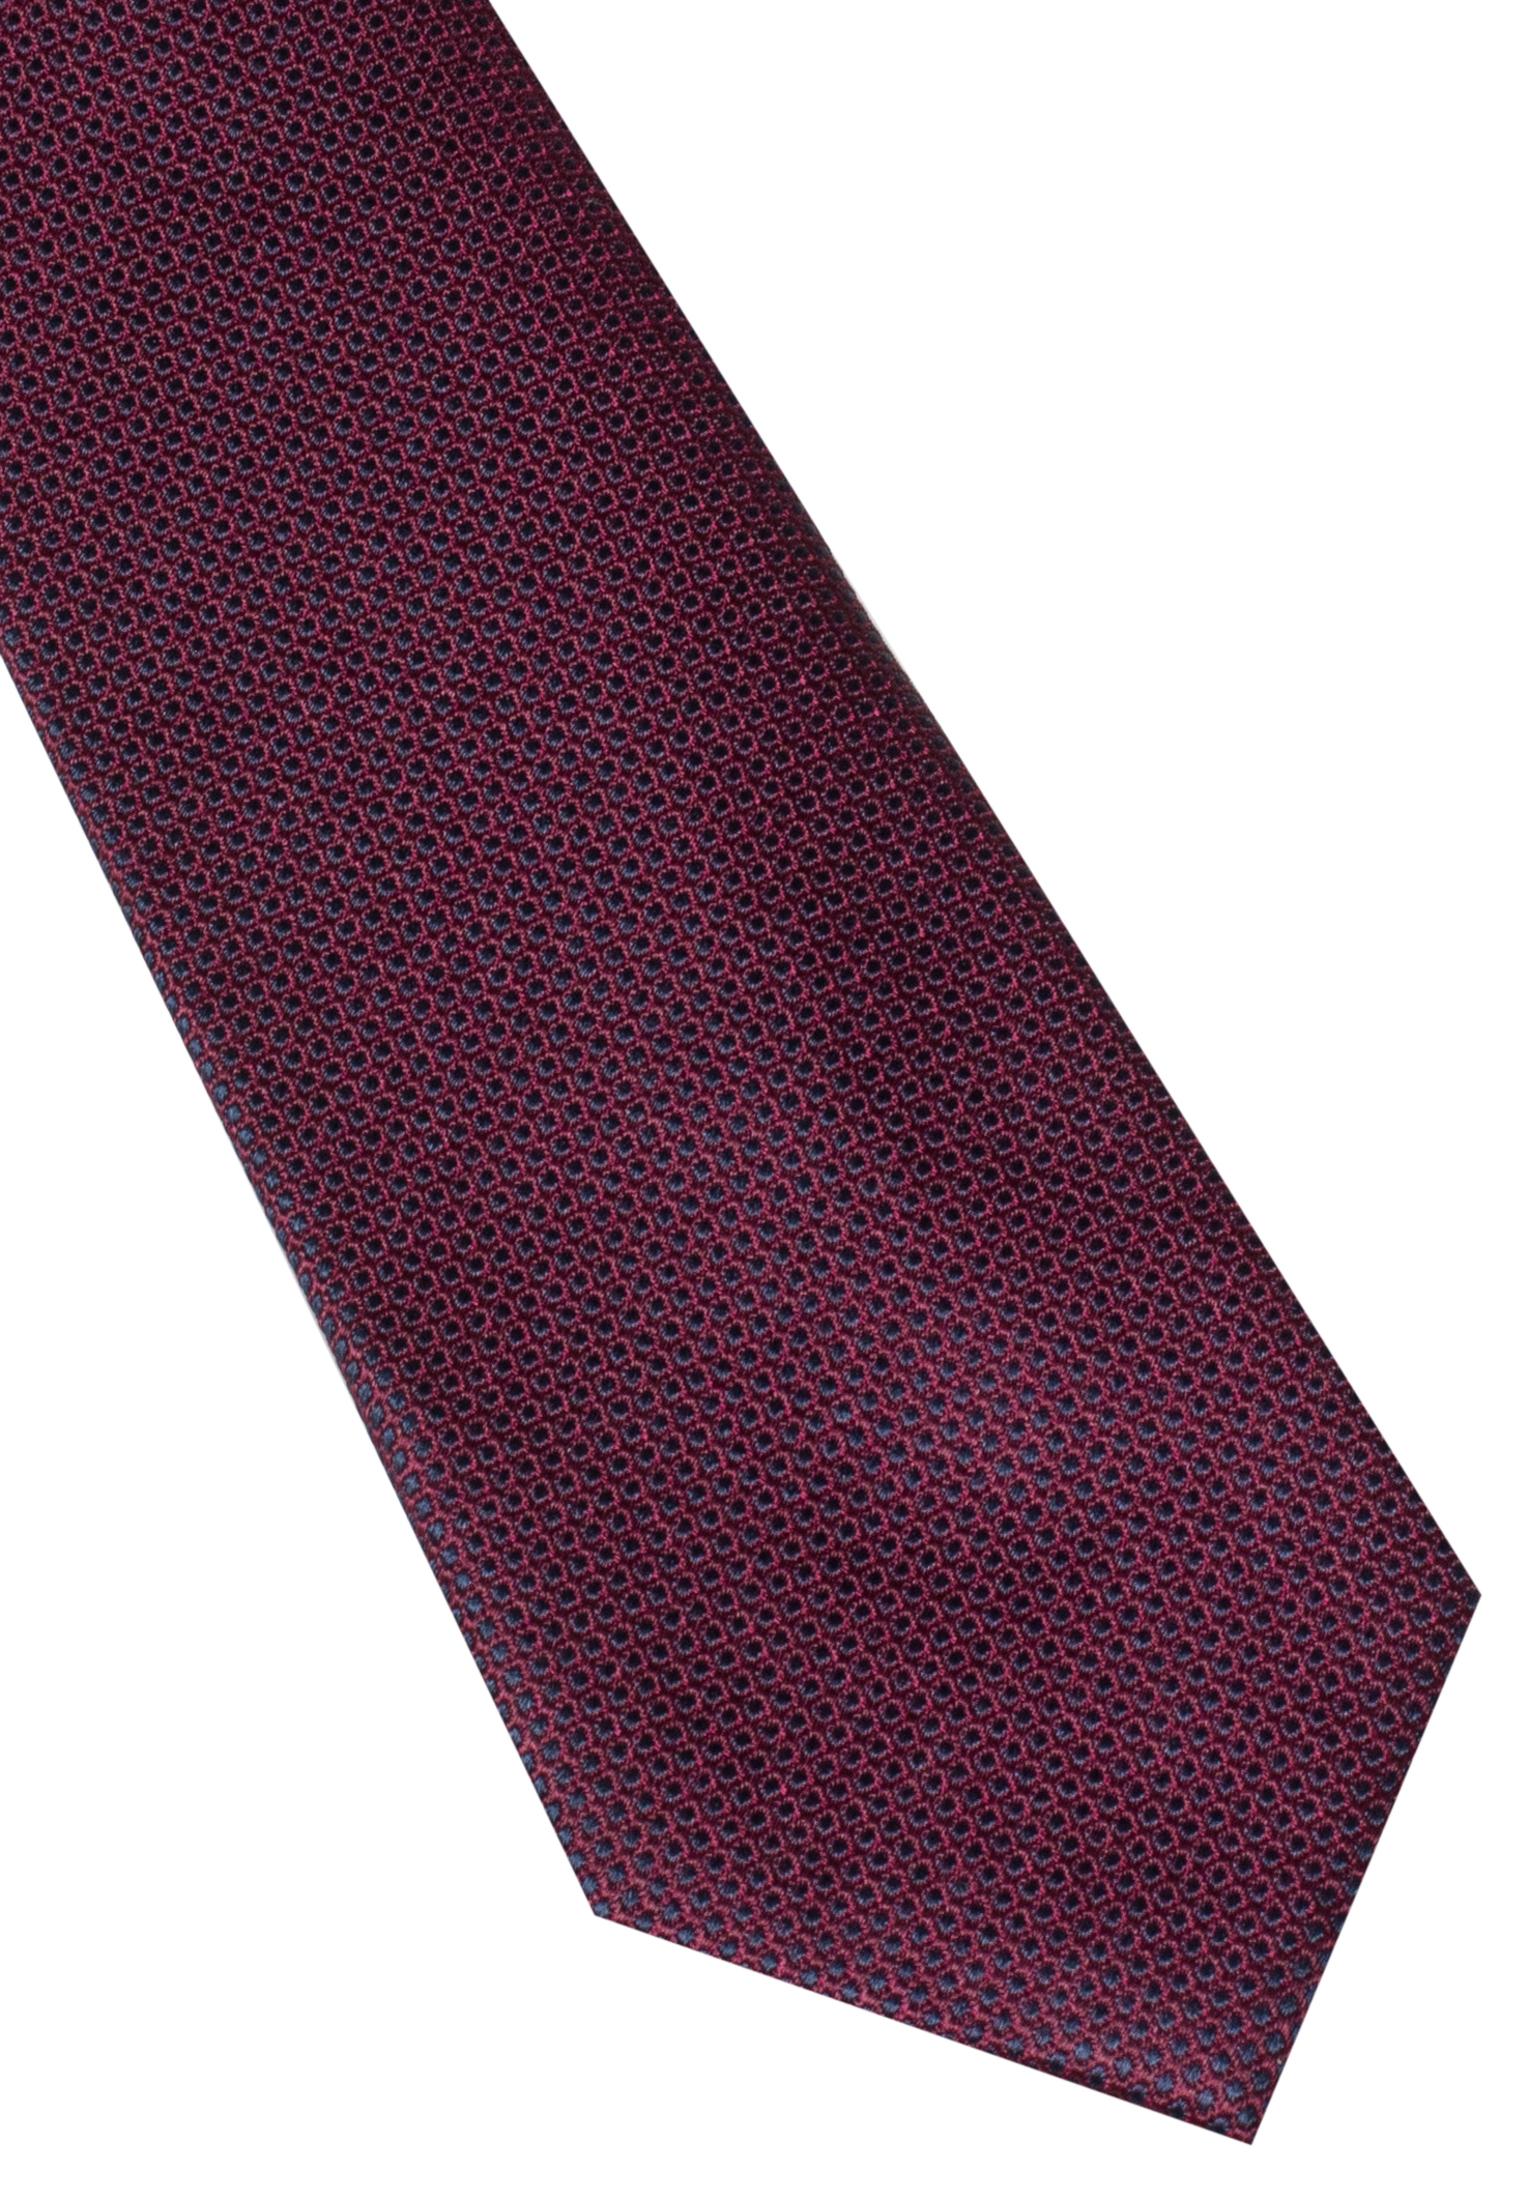 ETERNA 9068 Krawatte Seide bordeaux